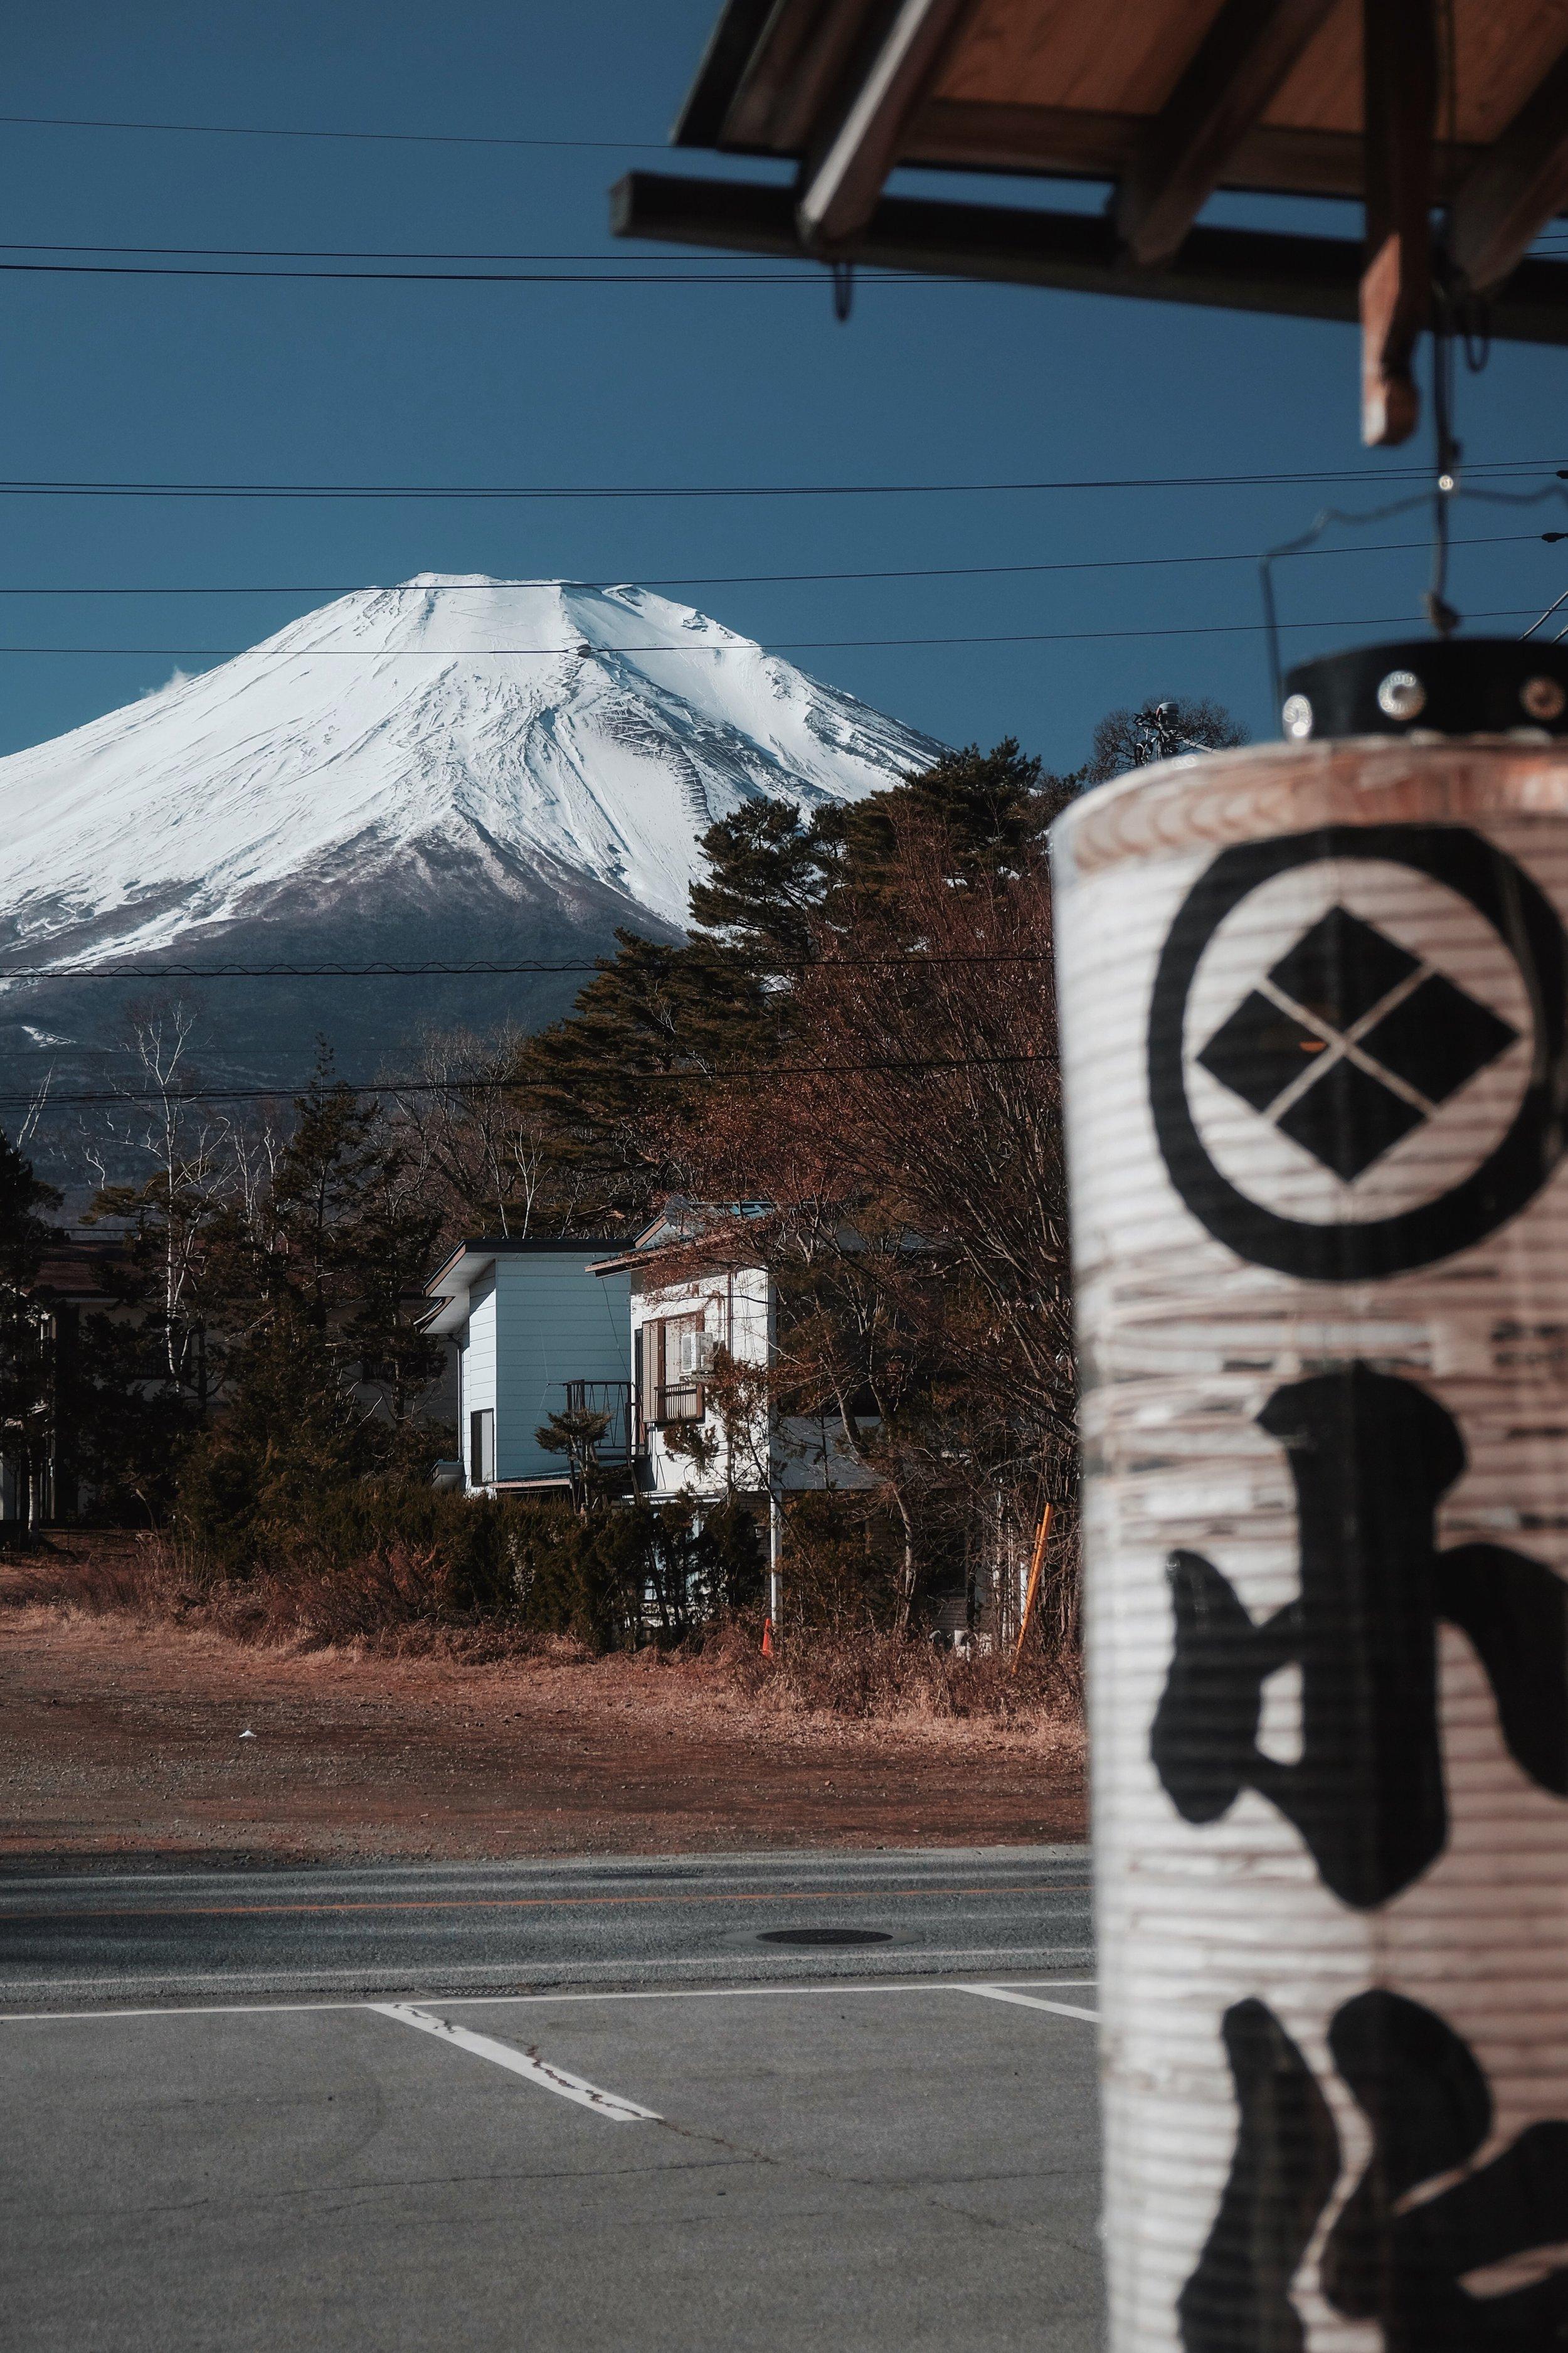 Houtou Fuji